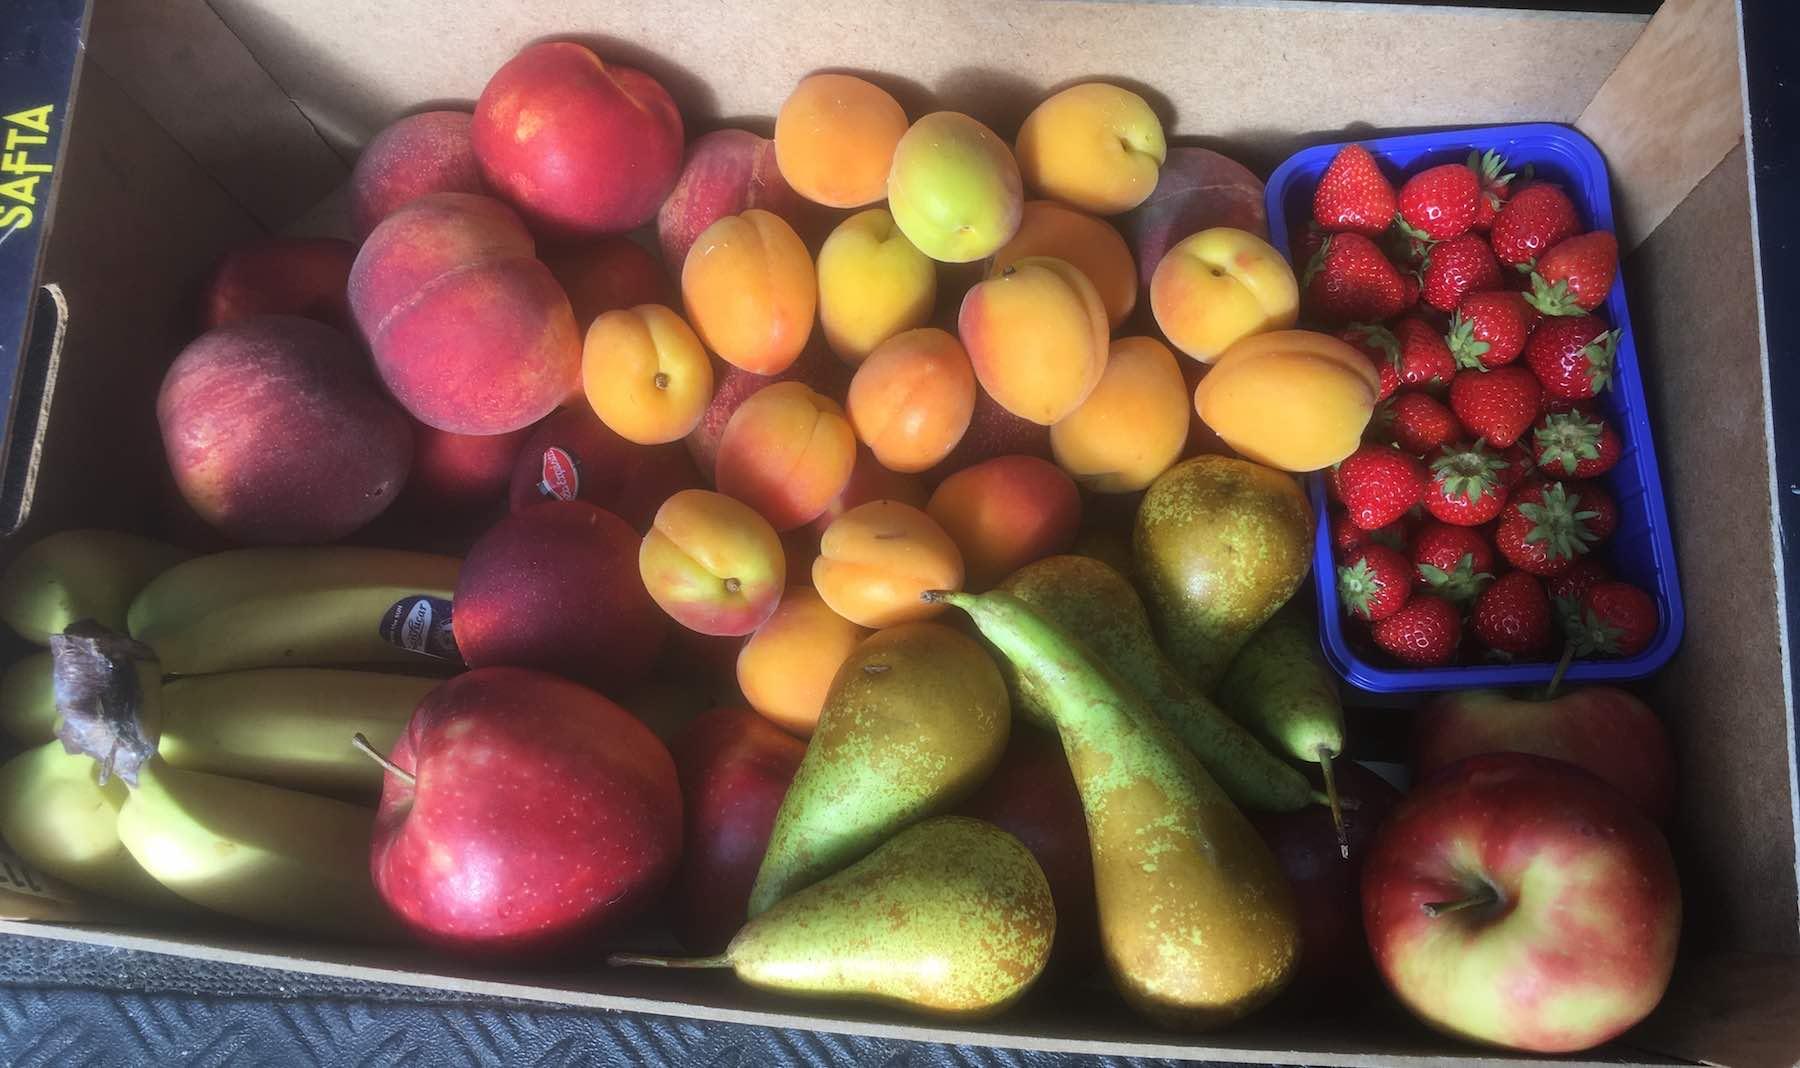 gemischtes Obst für Mainzer Offices, bequem geliefert